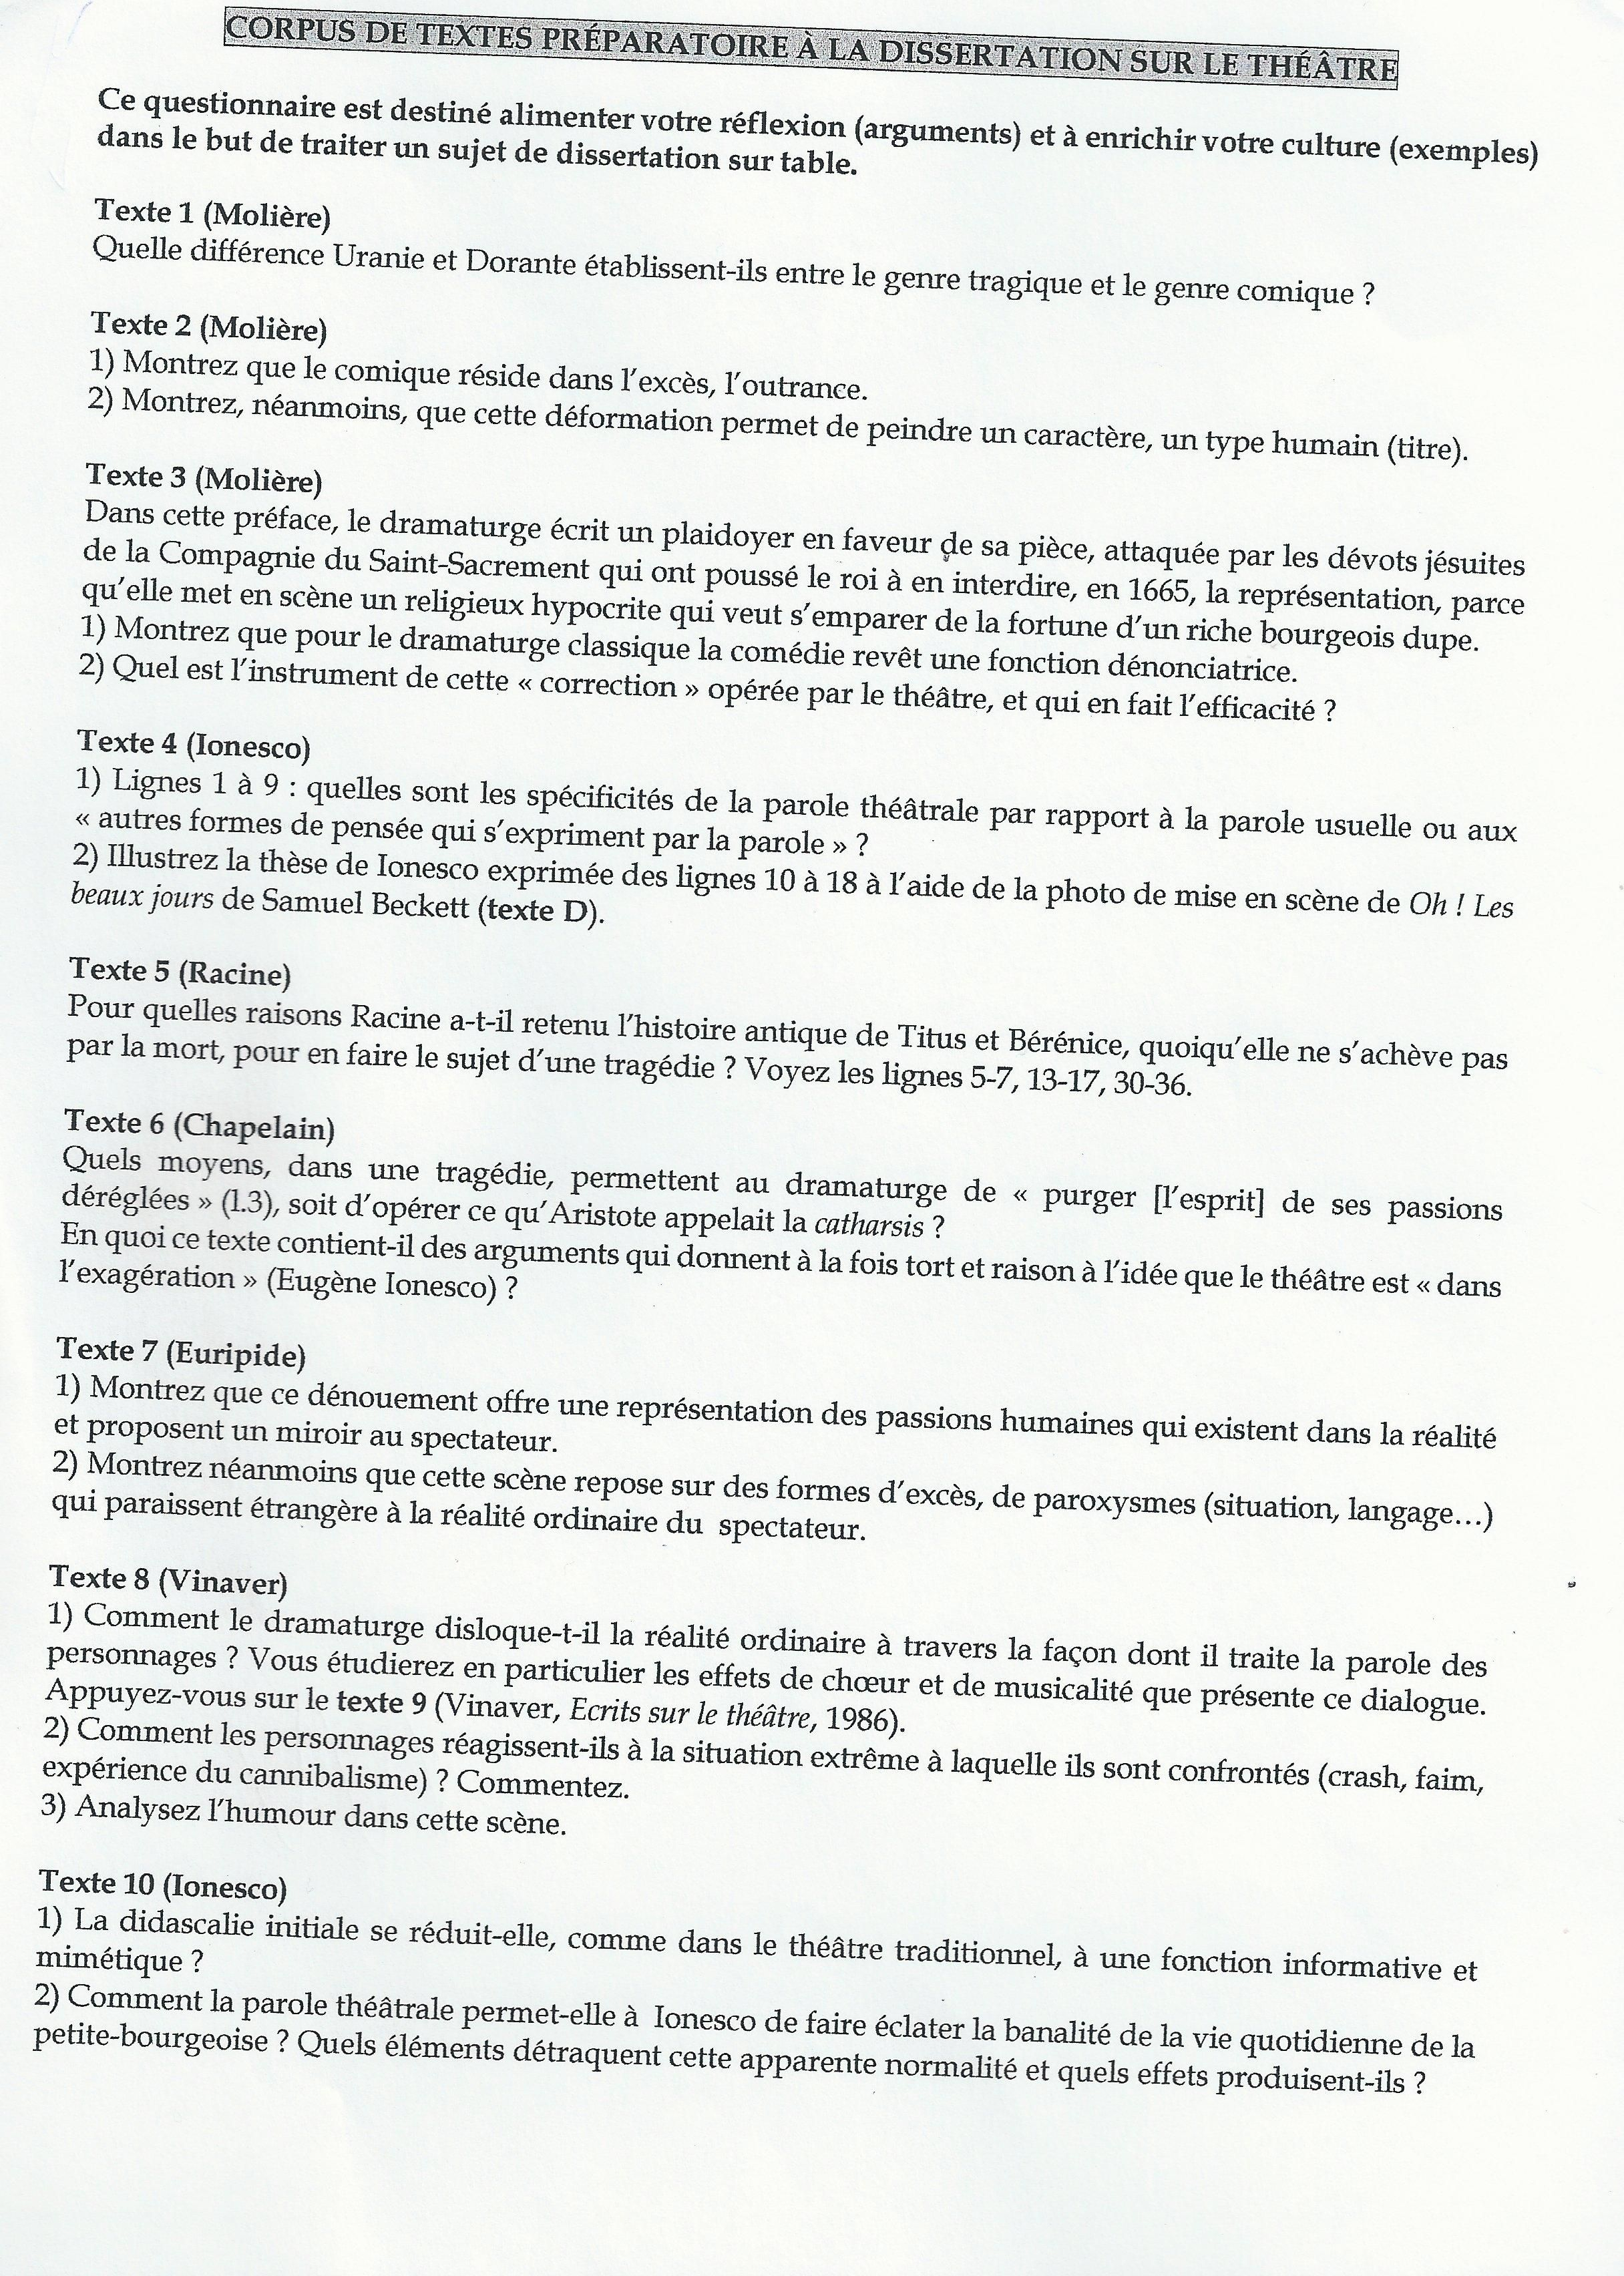 Ecrire Un Plan De Dissertation.